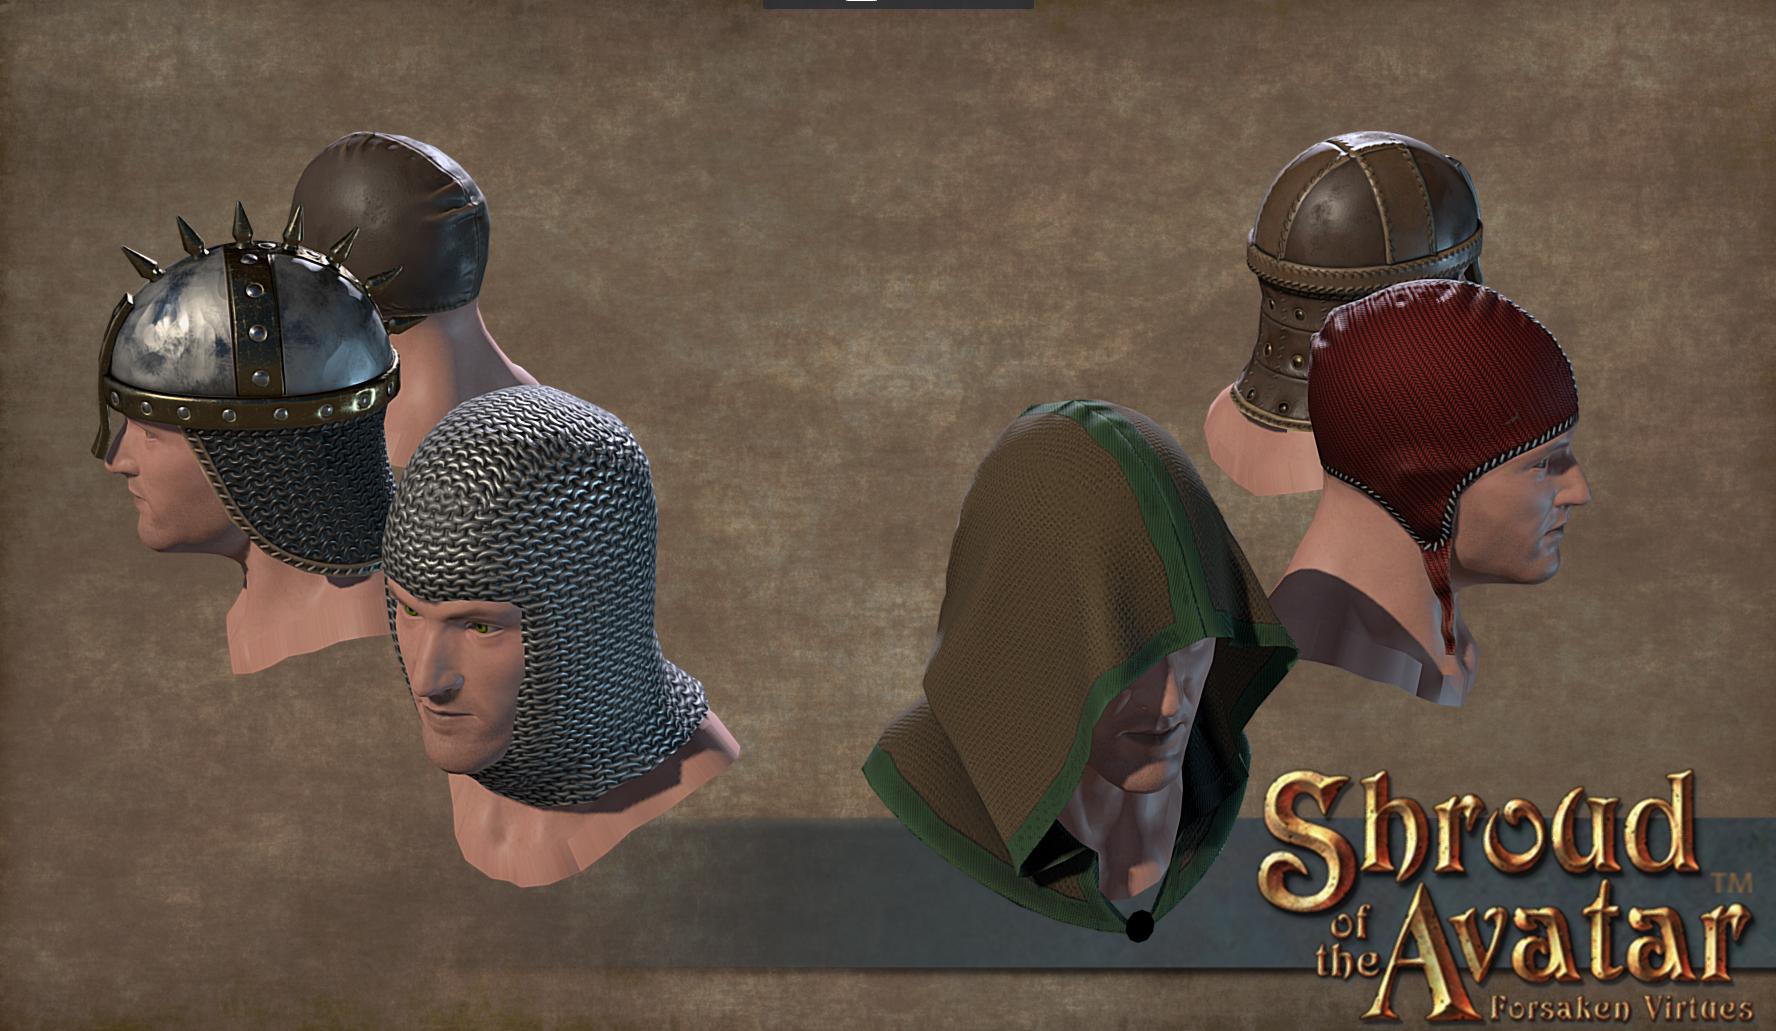 shroudheadgear